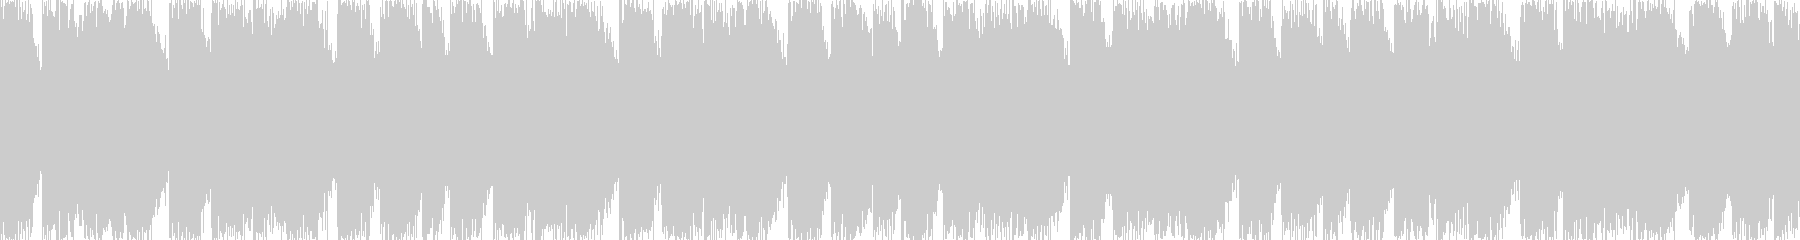 クラブハウスEDMサウンドBGMの未再生の波形